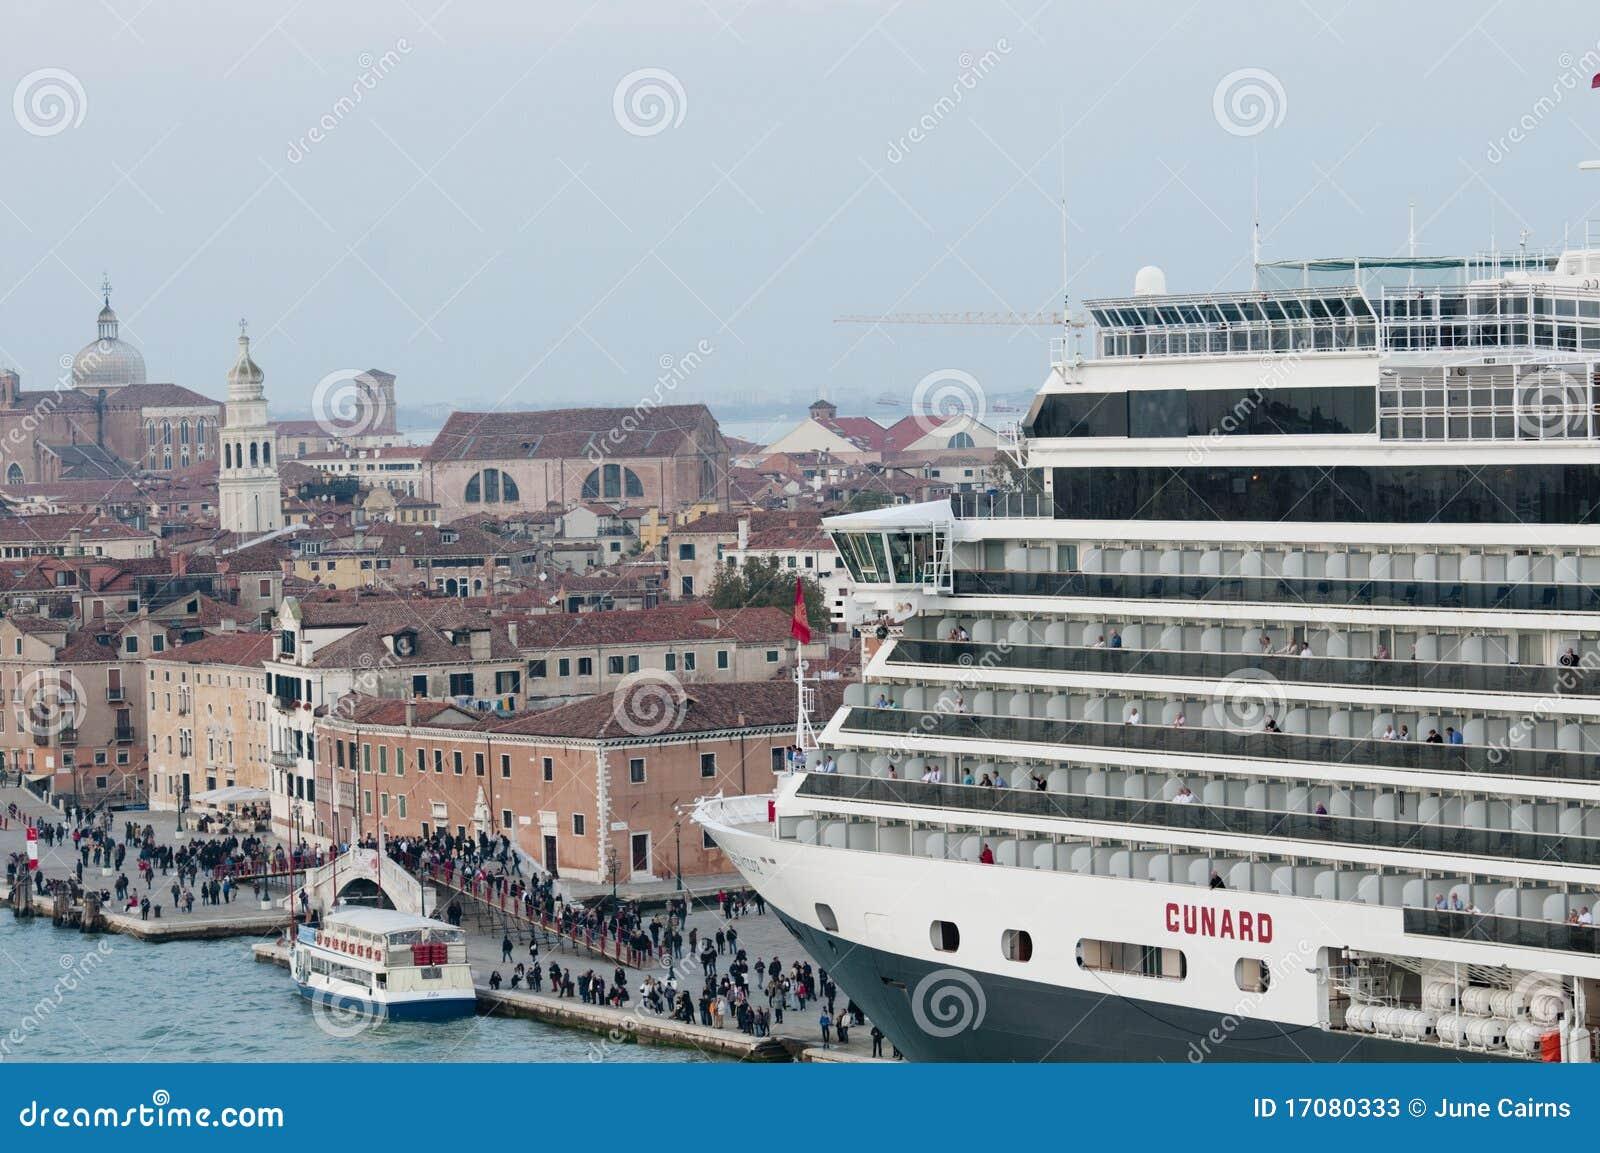 Bateau de croisi re venise photo stock ditorial image du grand ville 17080333 - Hotel venise port croisiere ...